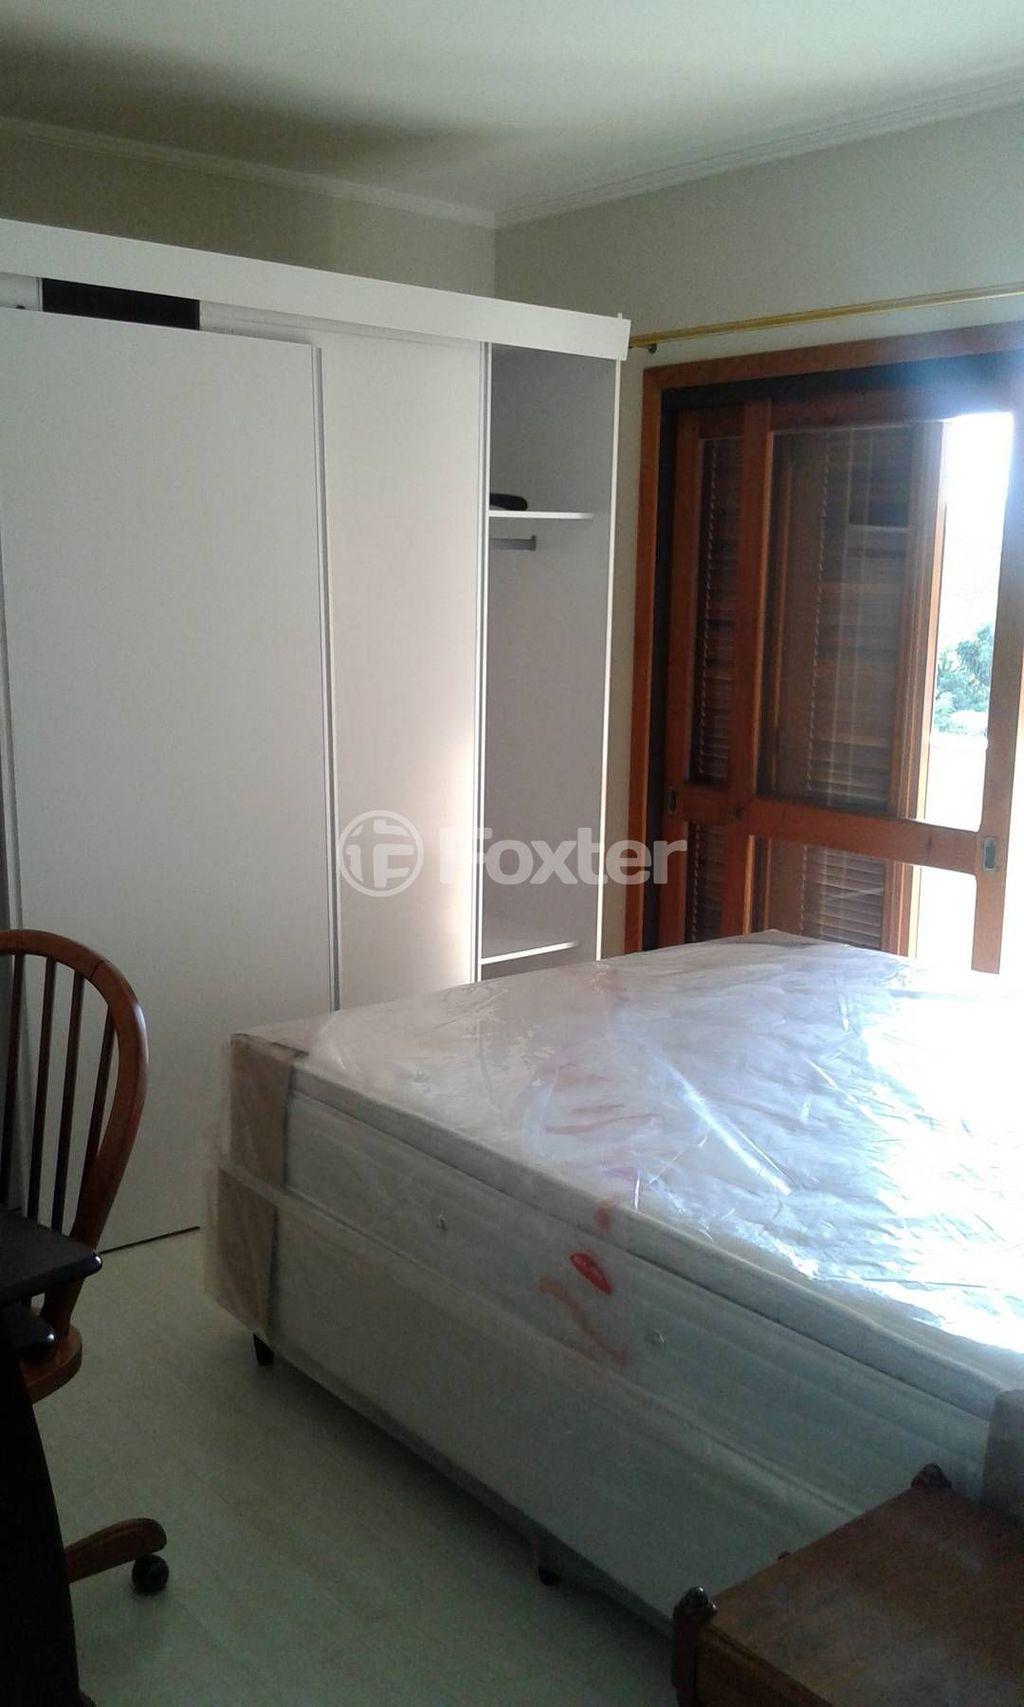 Foxter Imobiliária - Apto 2 Dorm, Moinhos de Vento - Foto 14